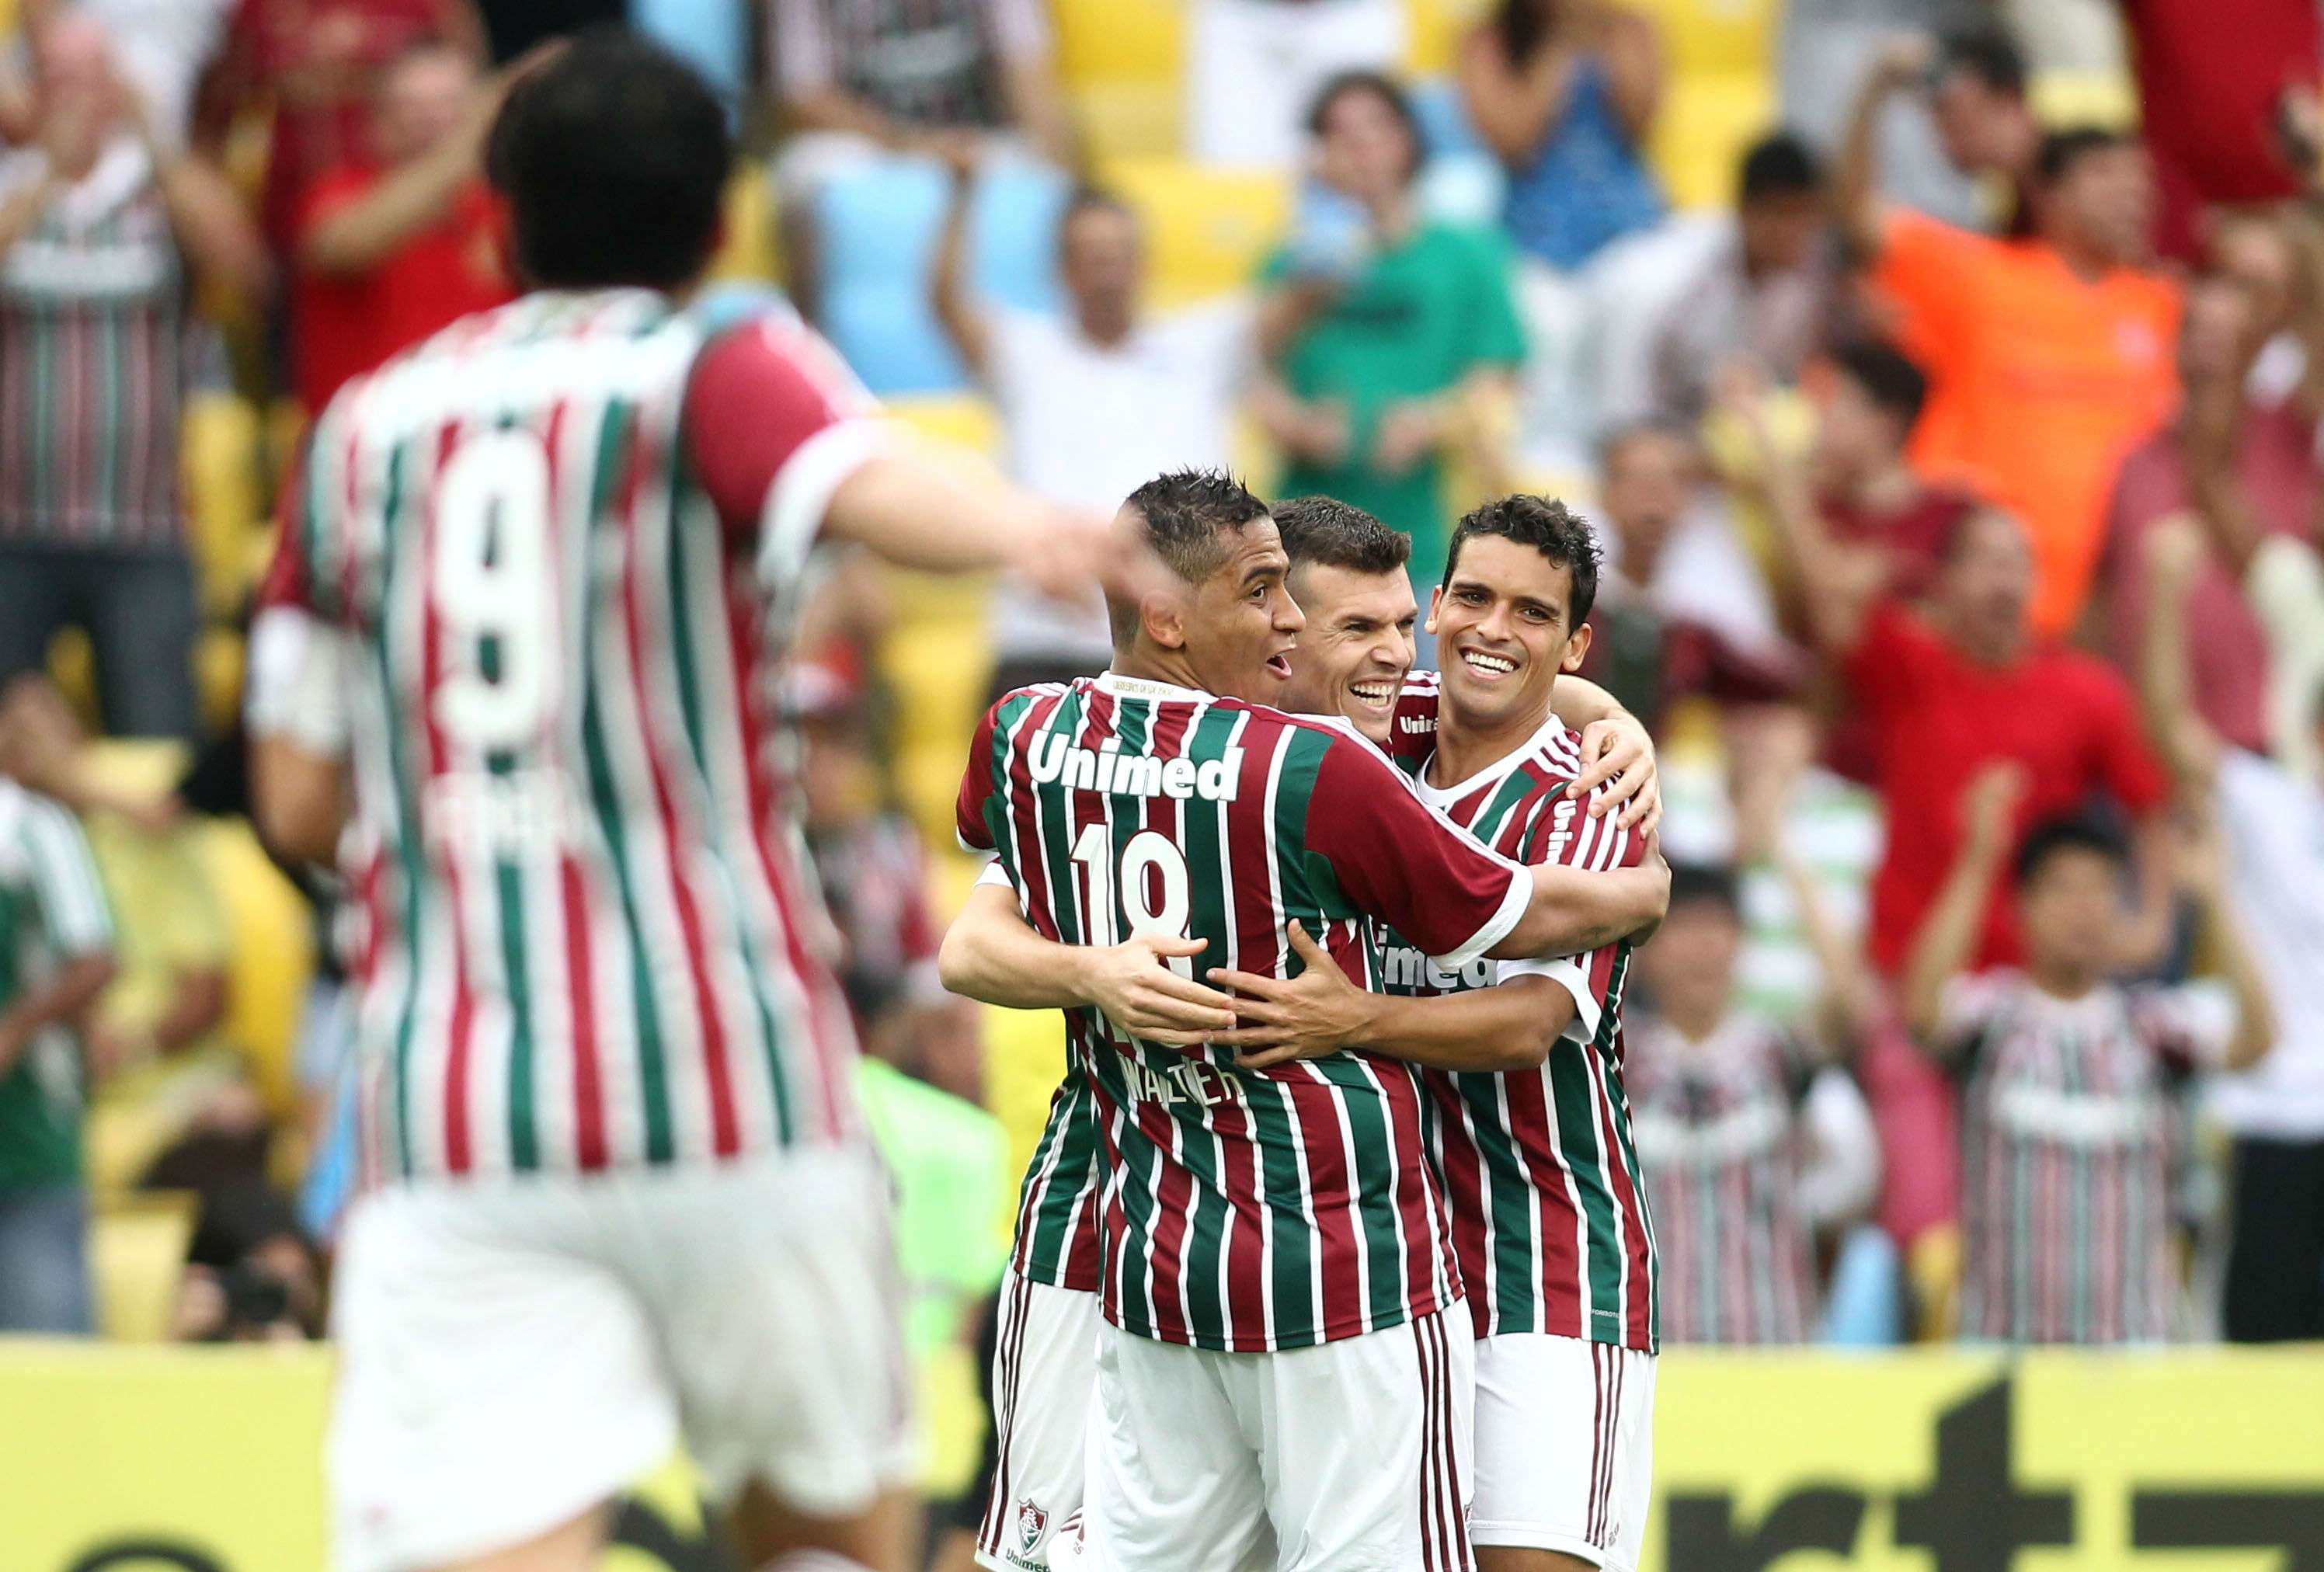 Fluminense faz festa com gol Foto: Matheus Andrade/Photocamera